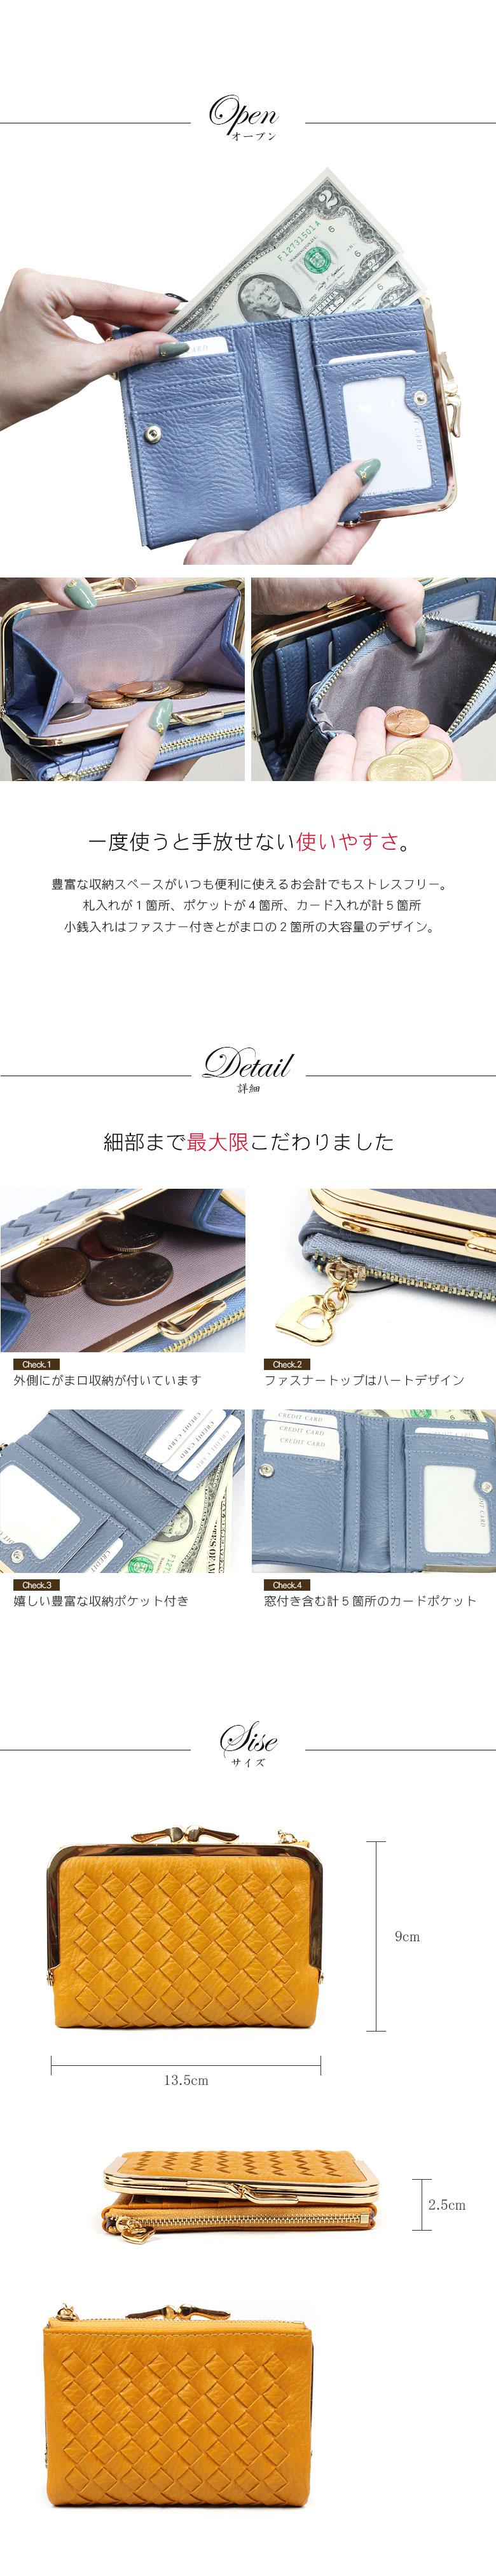 財布 通販 がま口メッシュ二つ折り財布 5色展開合成皮革